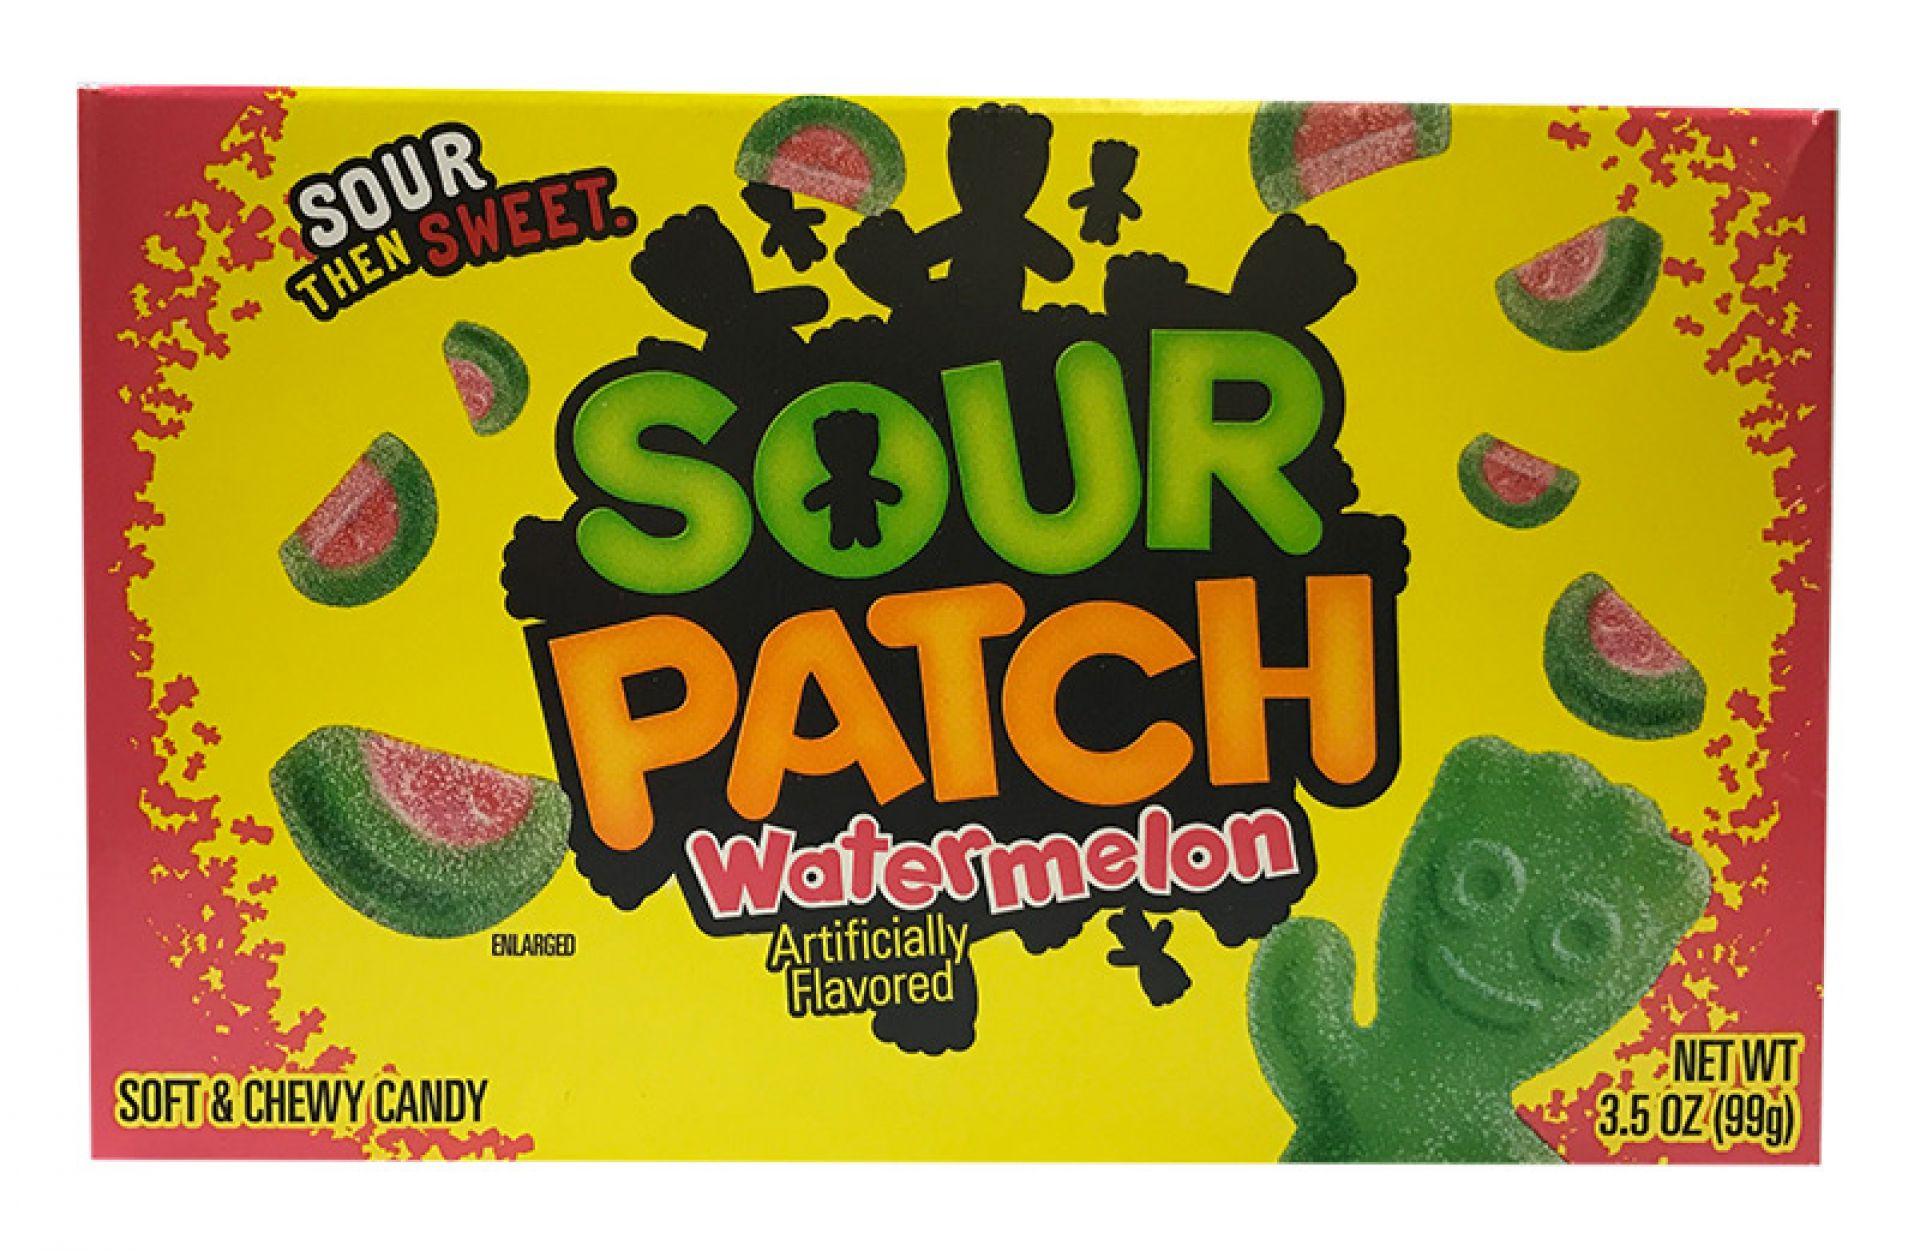 Sour Patch Watermelon Cinemabox